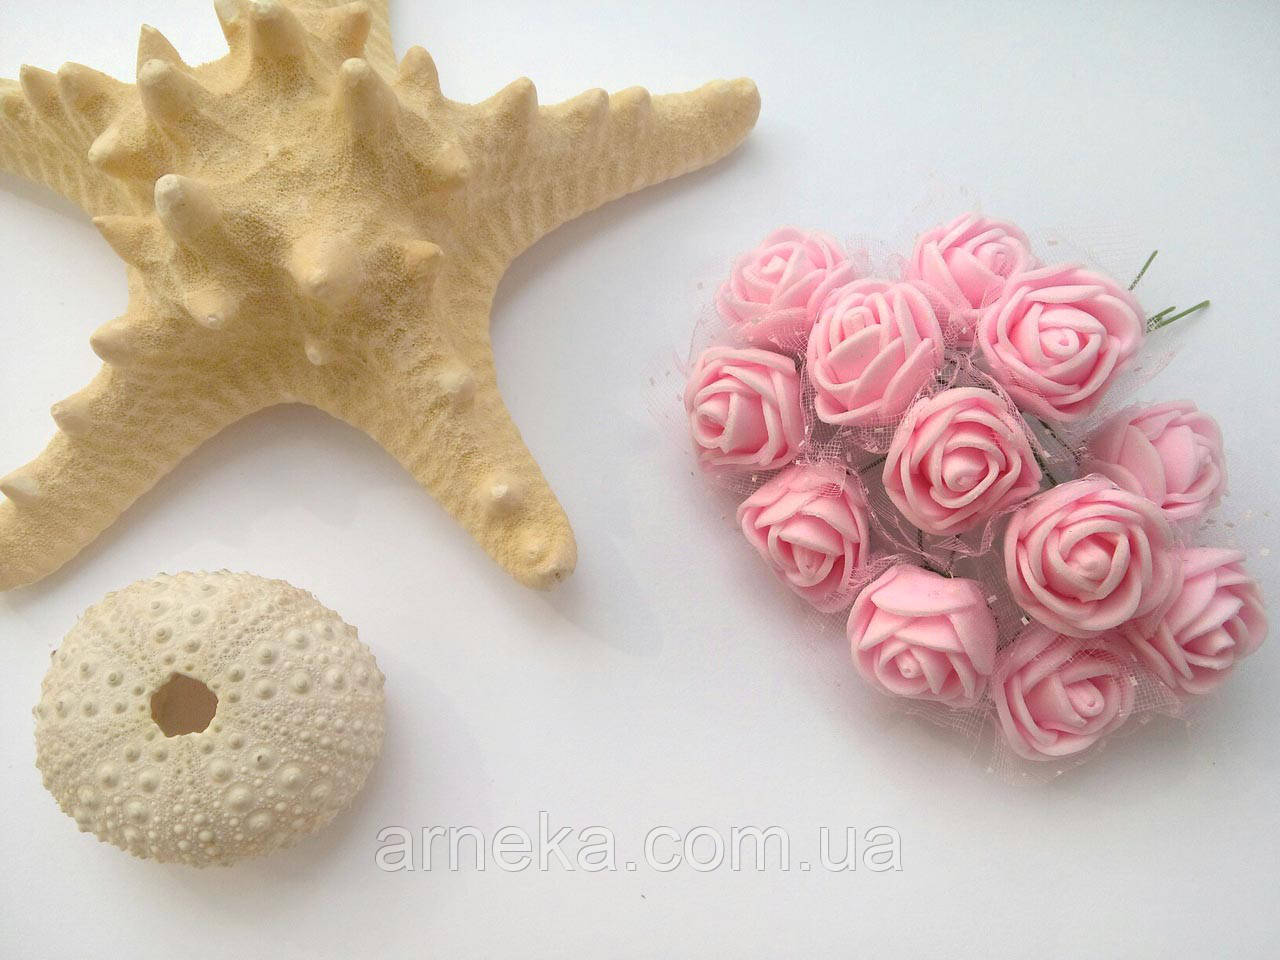 Розы латексные (с фатином) розовые